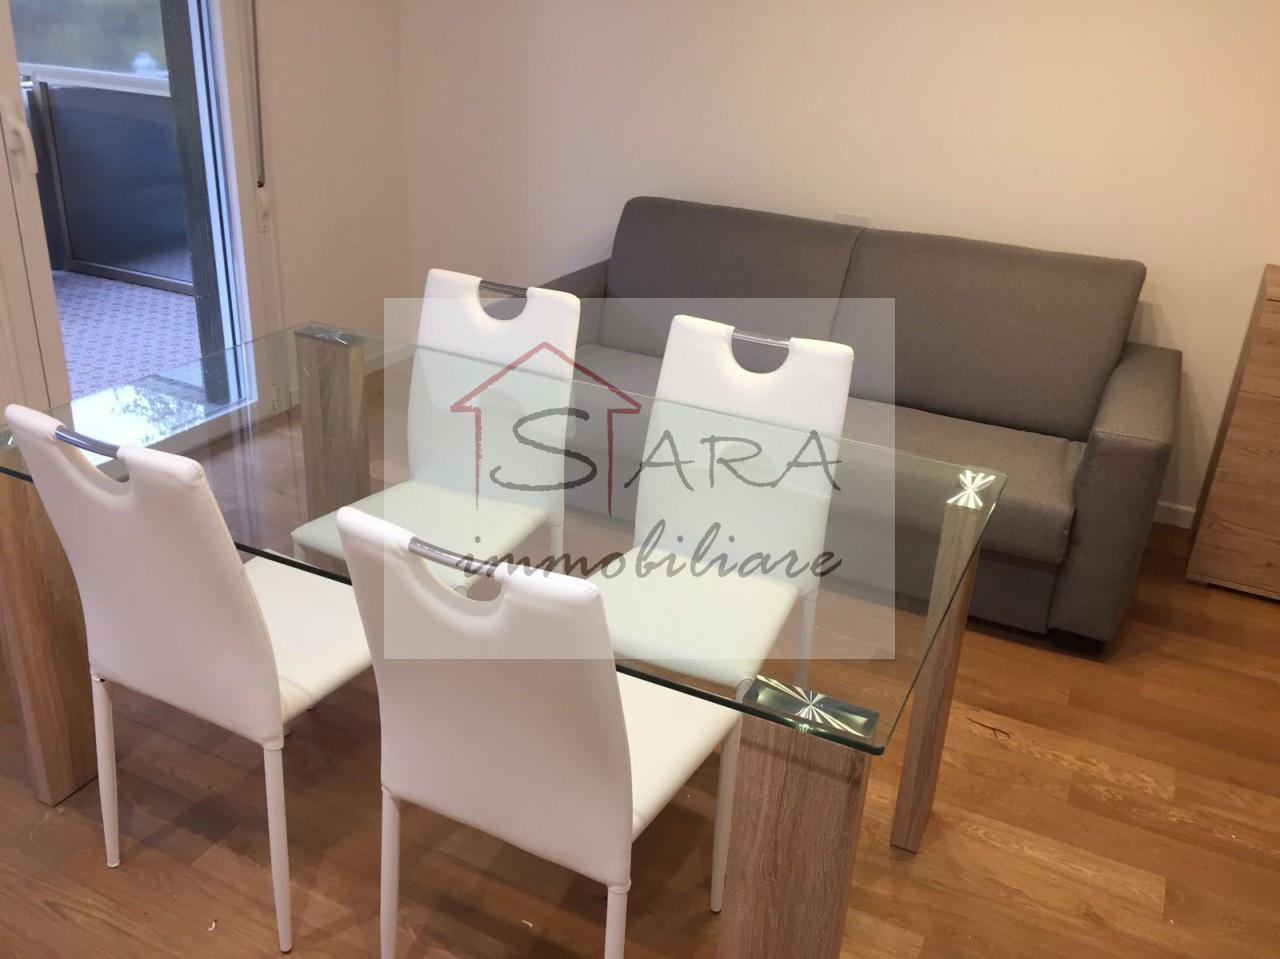 Appartamento in vendita a Padova - https://media.gestionaleimmobiliare.it/foto/annunci/191105/2093860/1280x1280/000__70__16.jpg